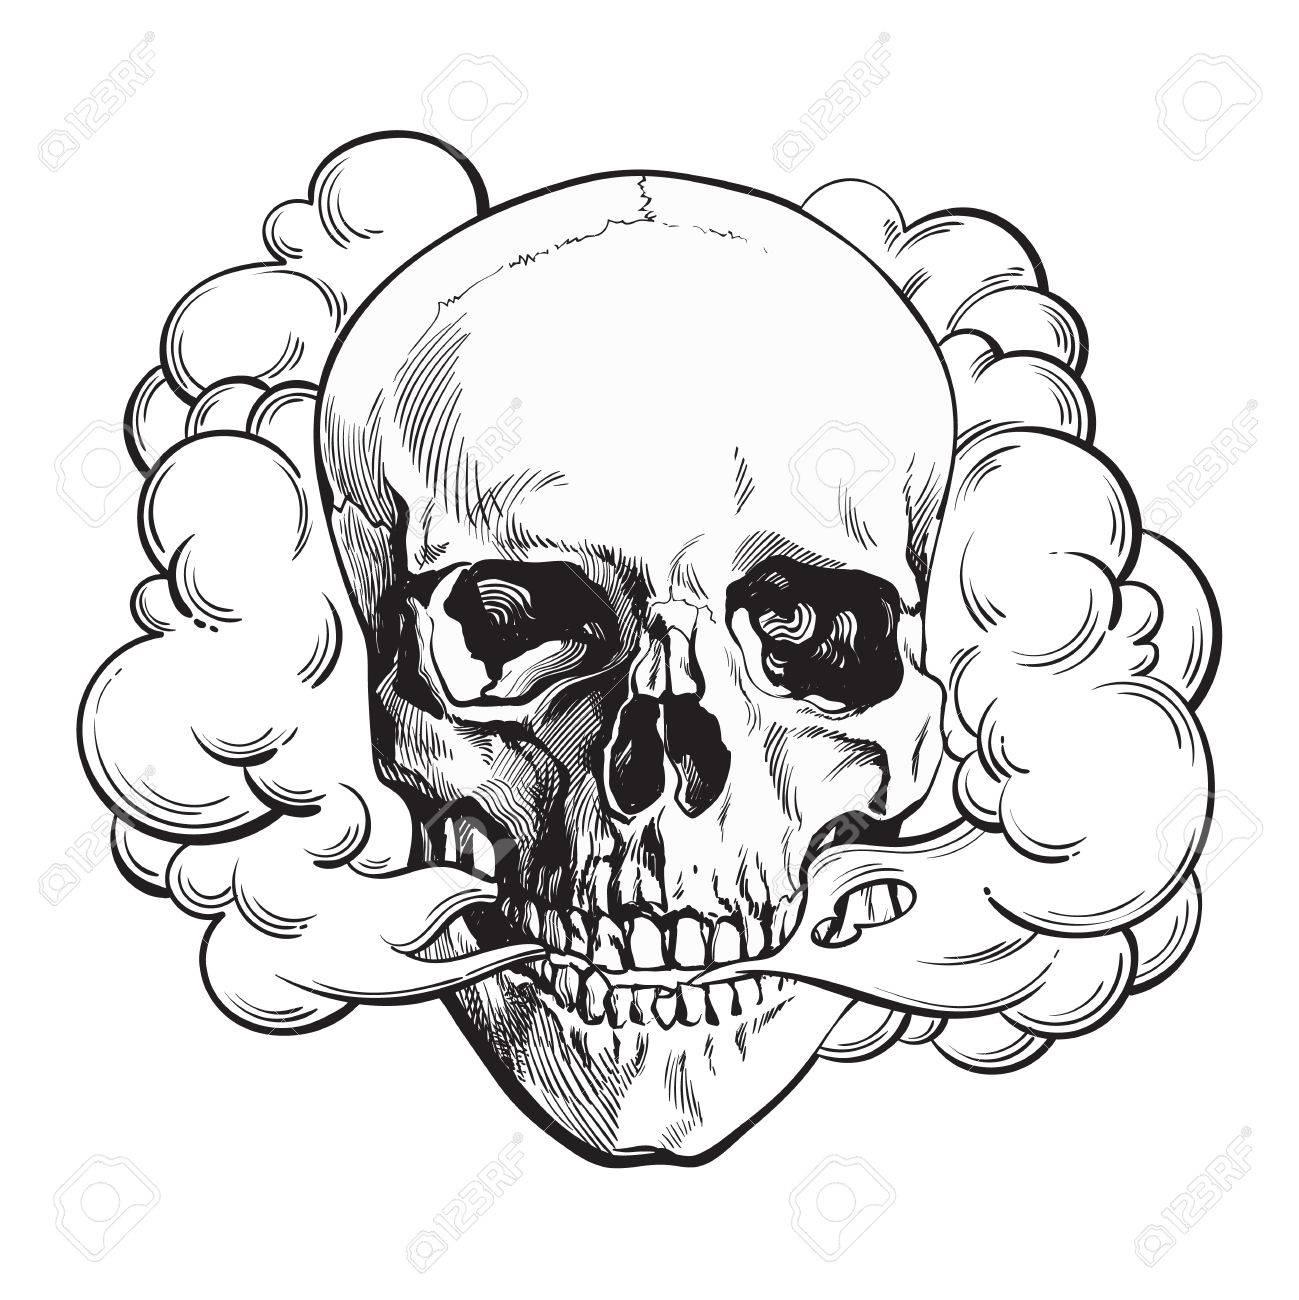 Fumaca Saindo Do Cranio Sem Carne Morte Conceito De Habito